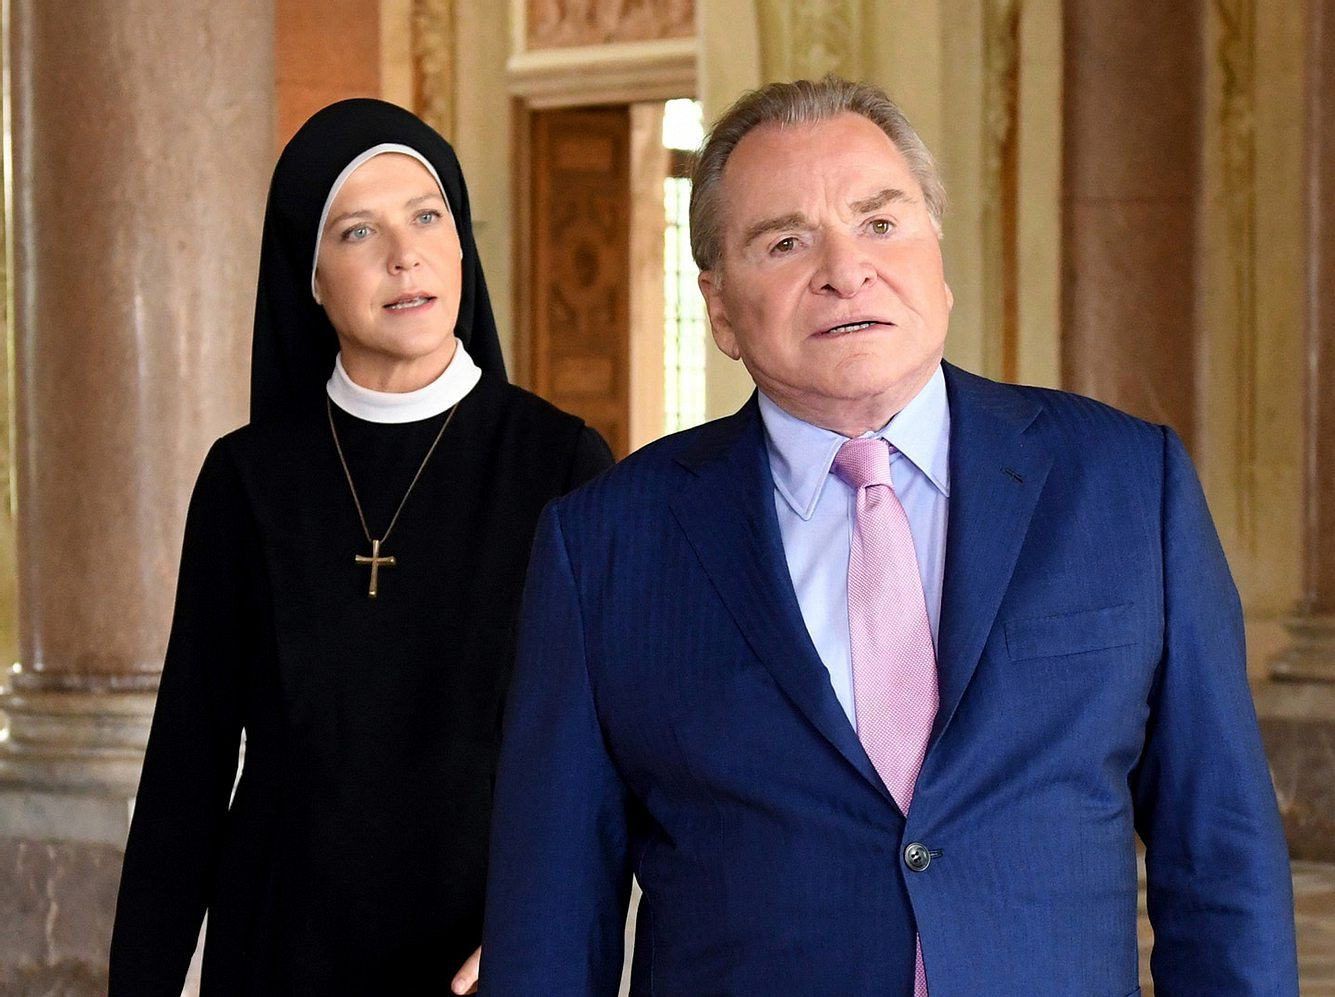 Janina Hartwig als Schwester Hanna und Fritz Wepper als Bürgermeister Wöller in 'Um Himmels Willen'.